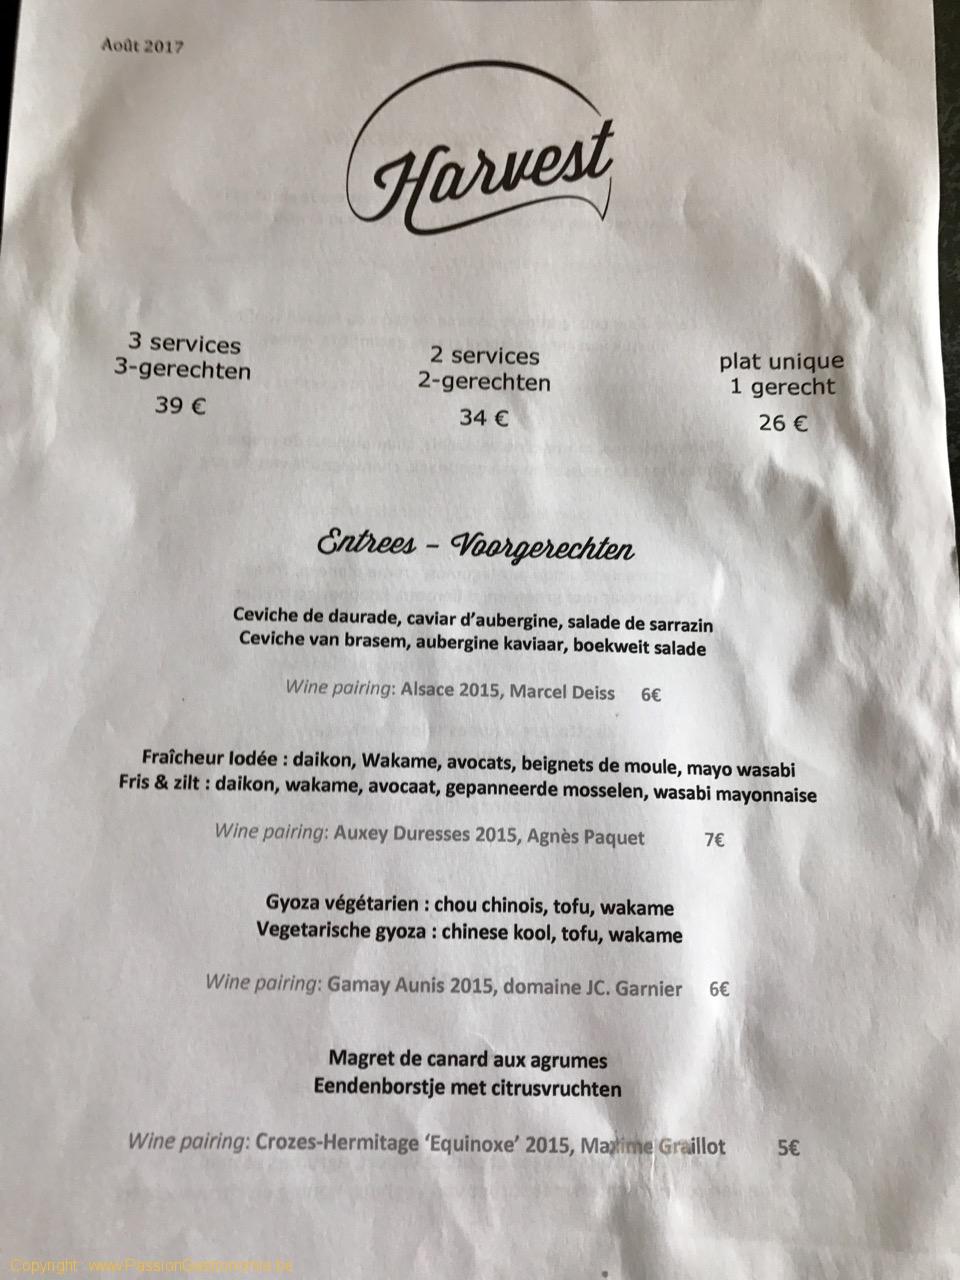 Restaurant Harvest - La carte des entrées